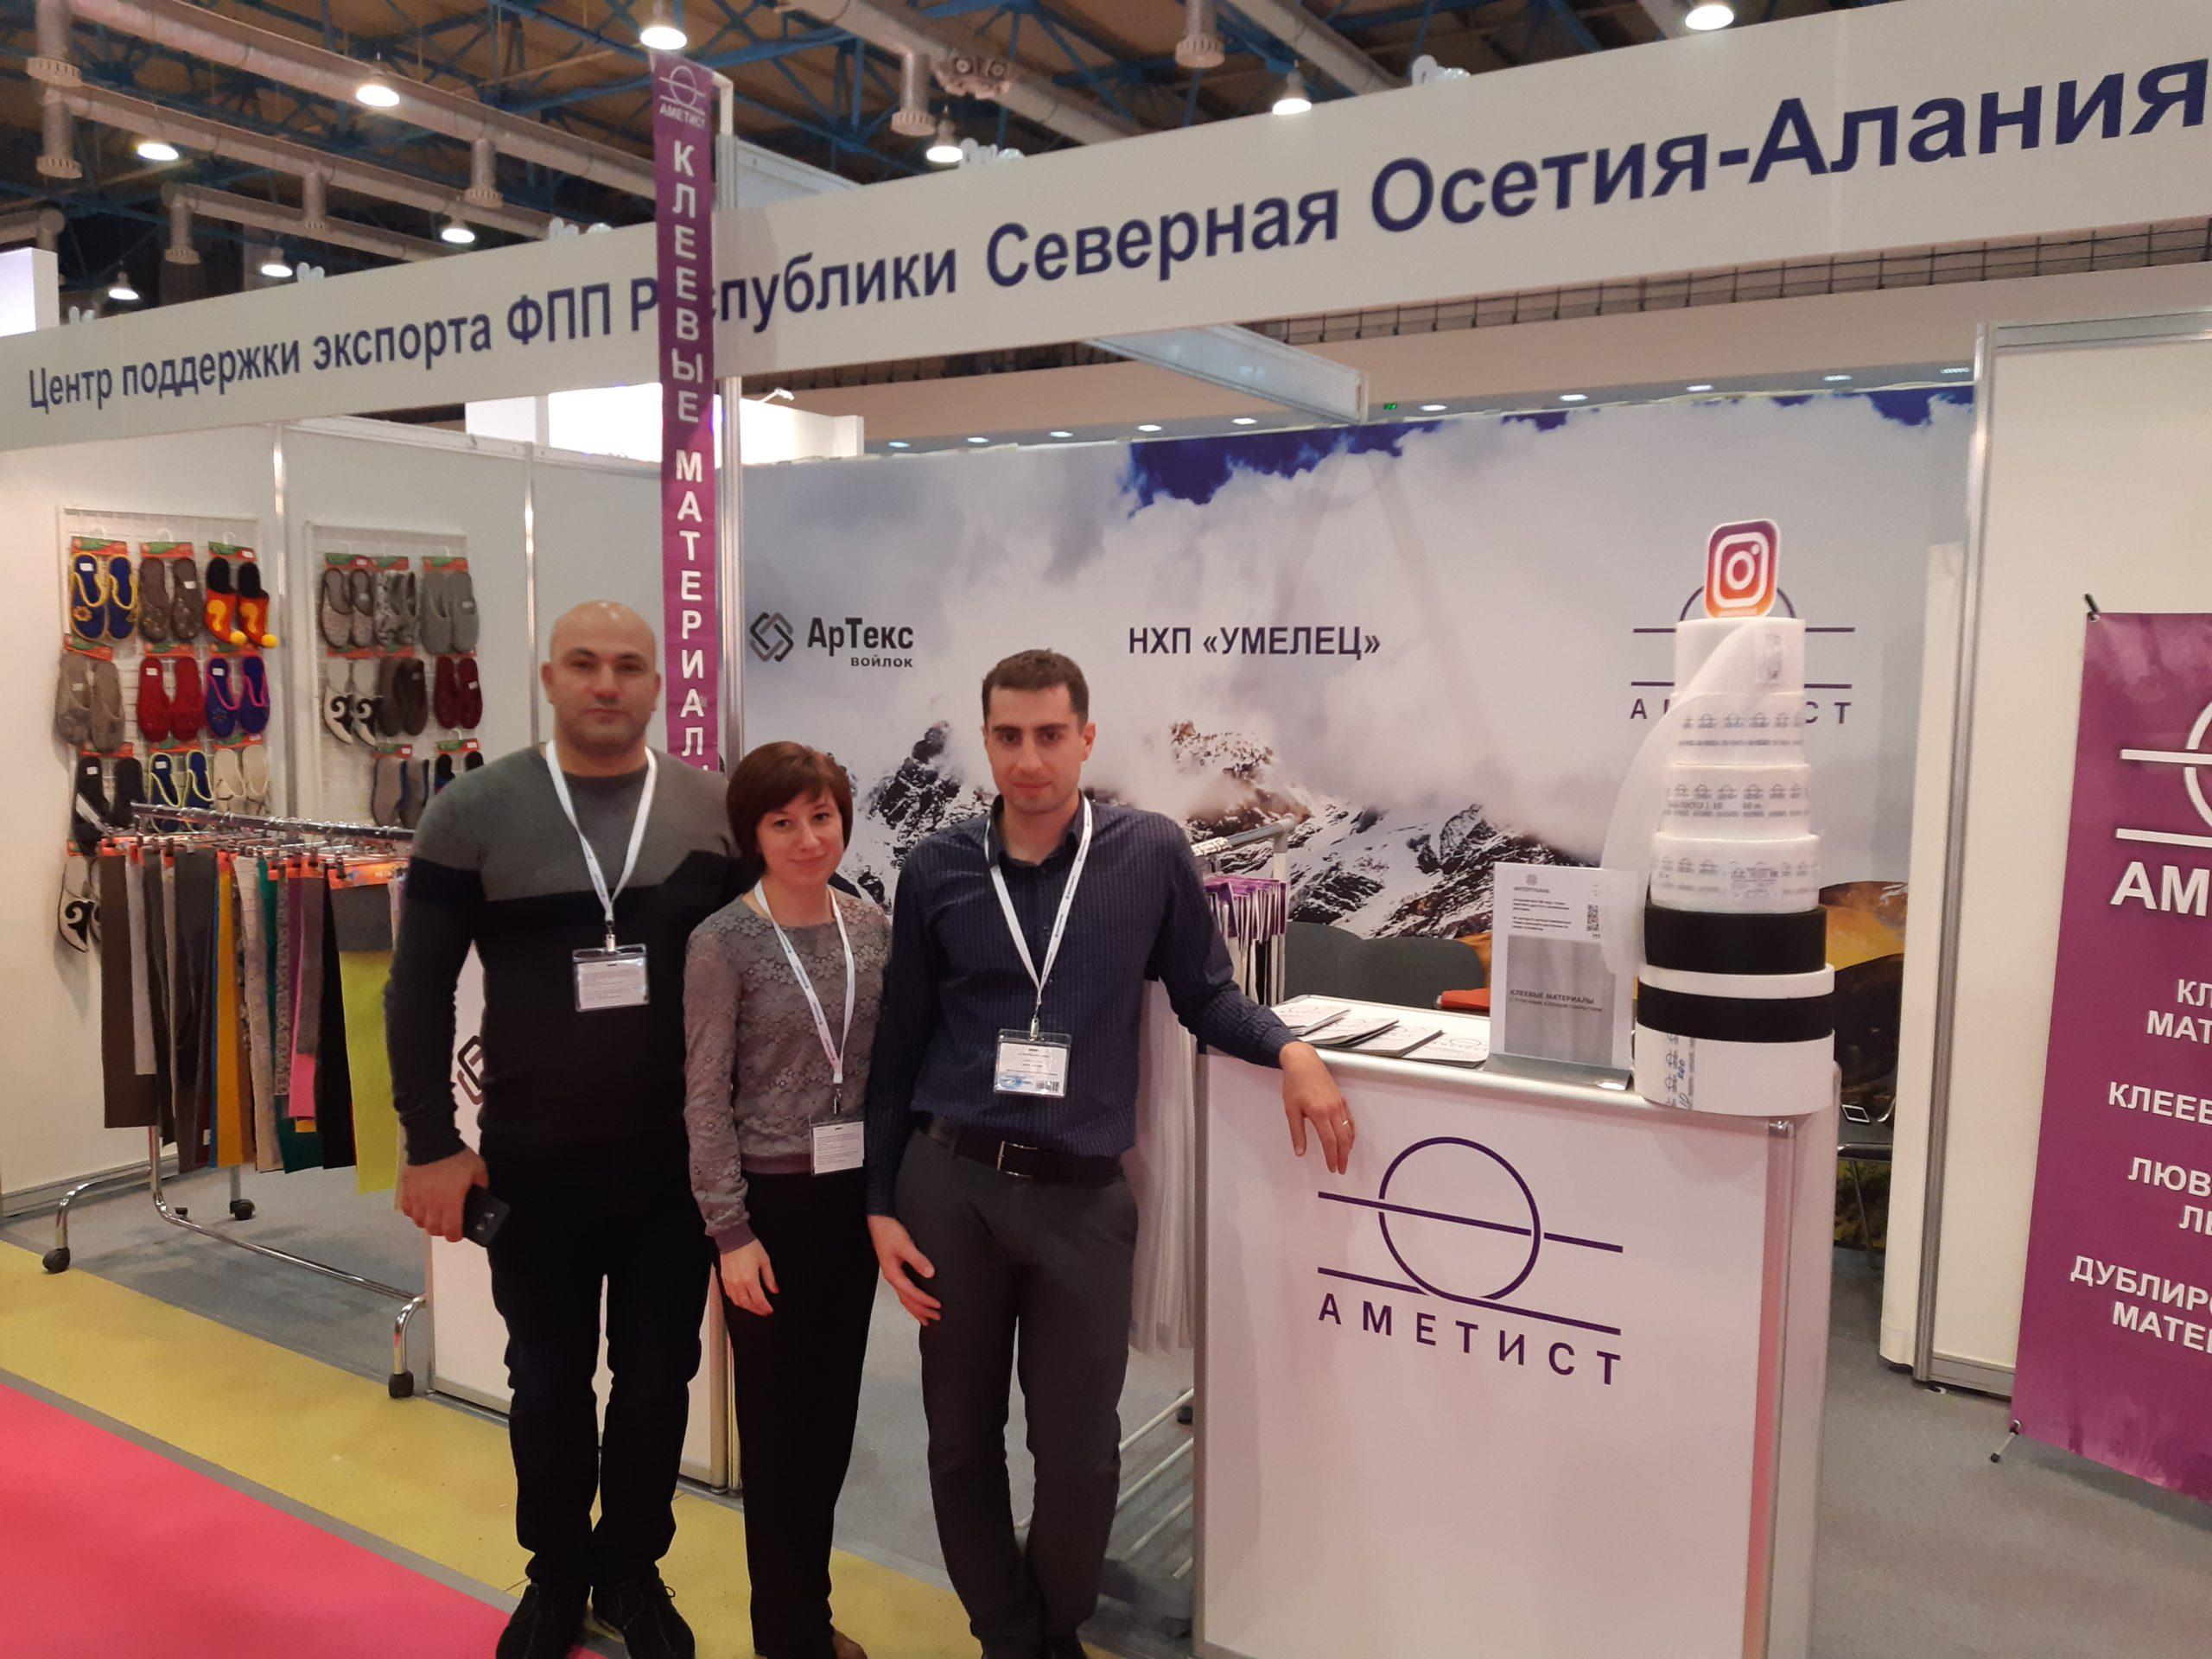 Североосетинский текстиль на международной выставке в Москве